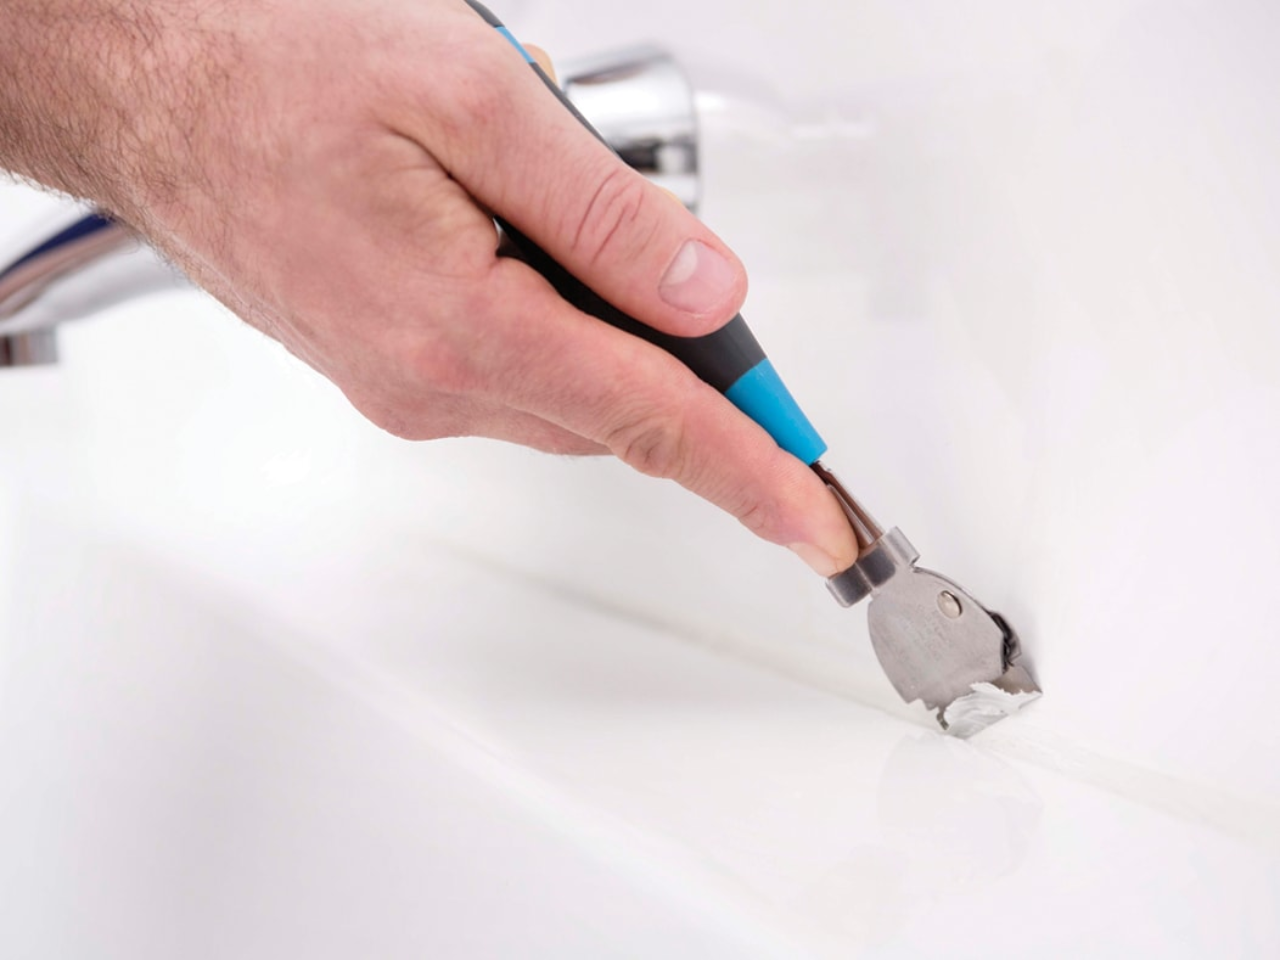 Kit Verwijderen Badkamer : Het onderhouden van kit voegen in de badkamer tuijp keuken